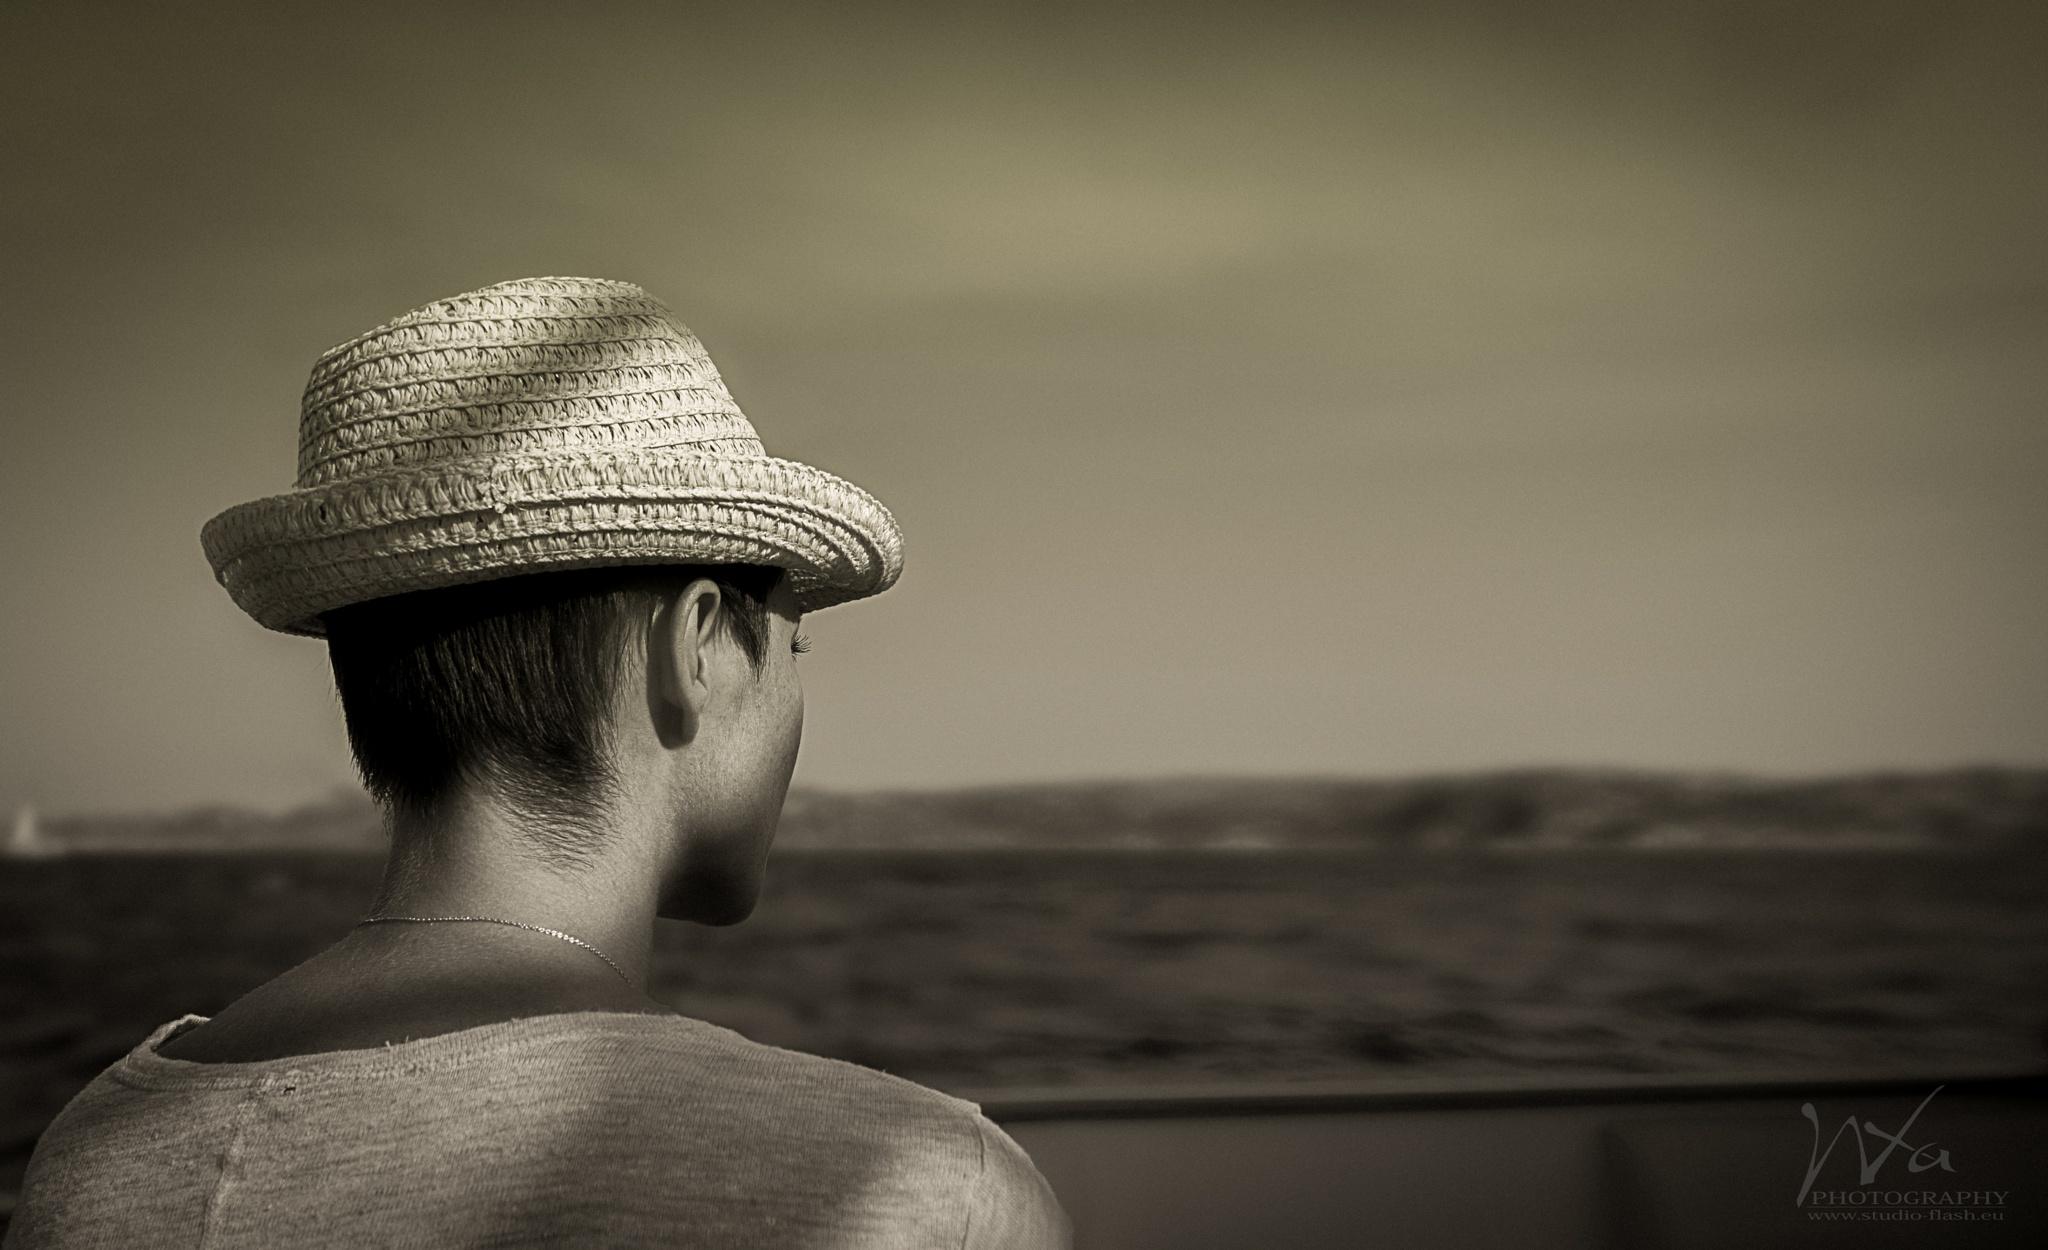 Le voyage by XavierWttrwulghe